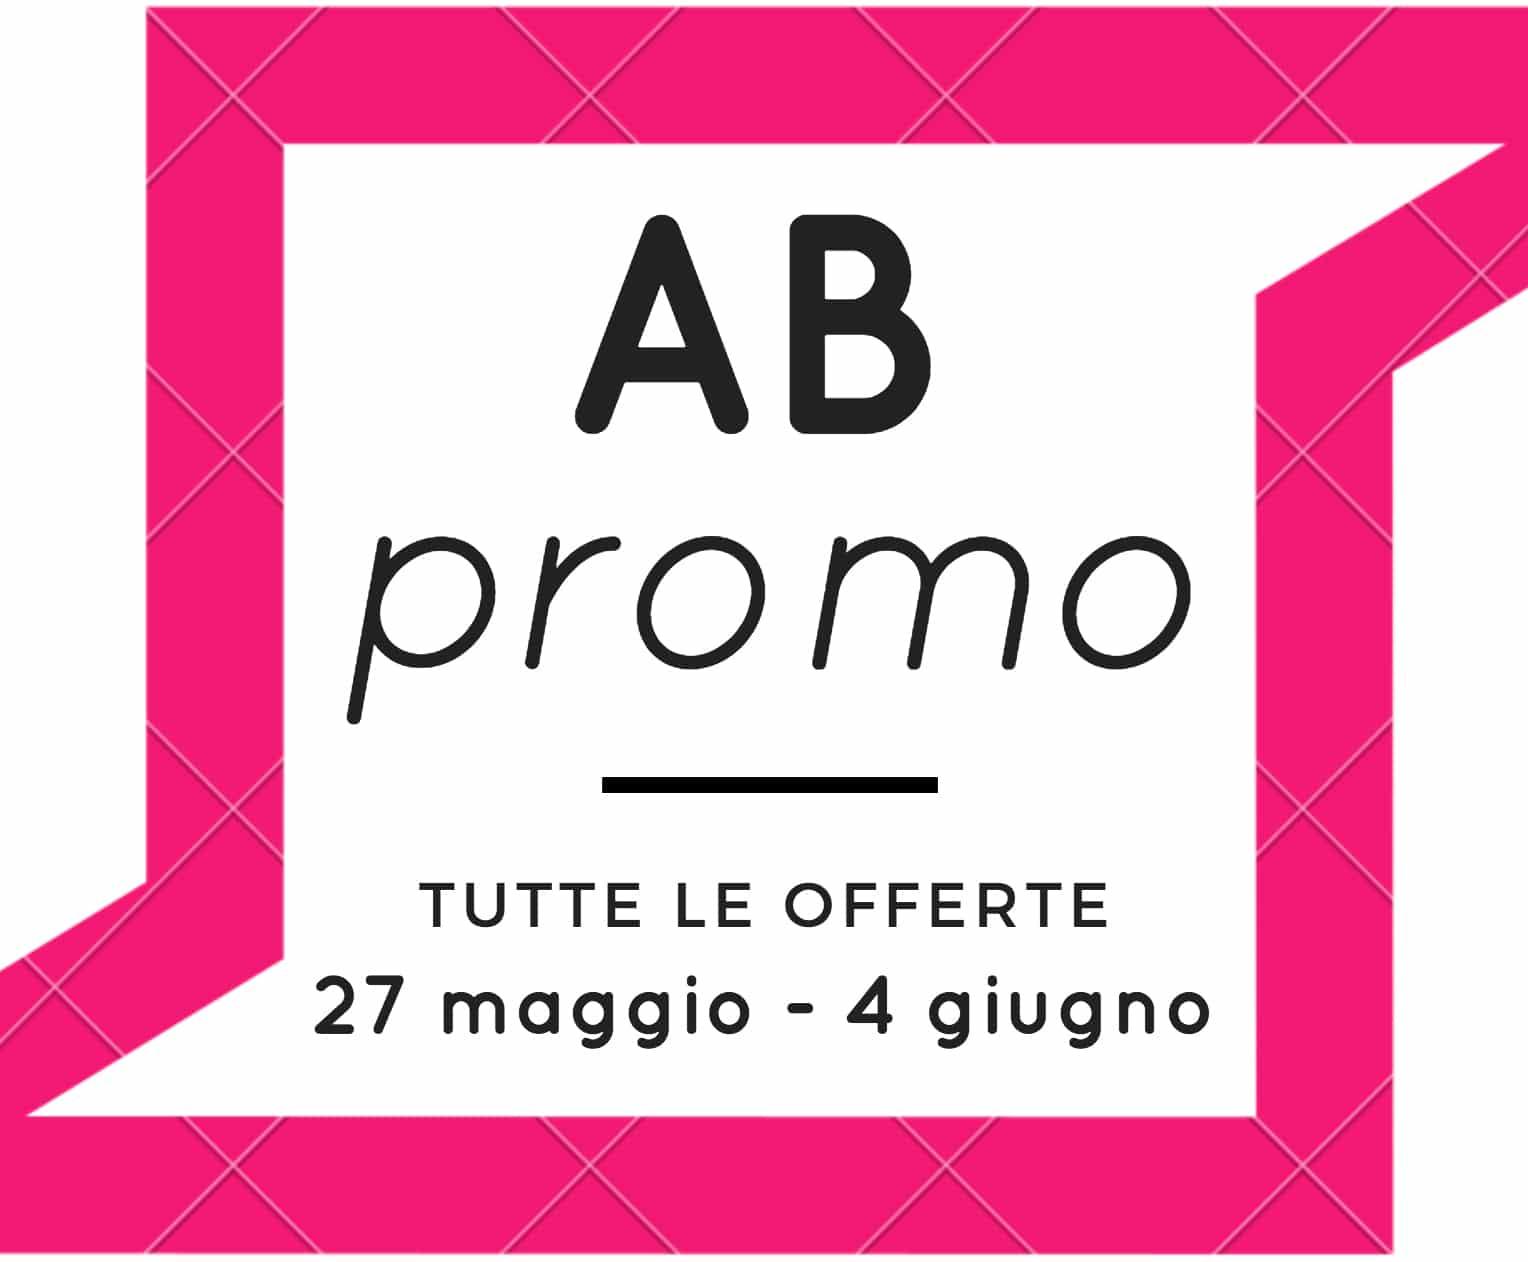 AB Promo #1 - Le migliori offerte beauty dal 27 maggio al 4 giugno